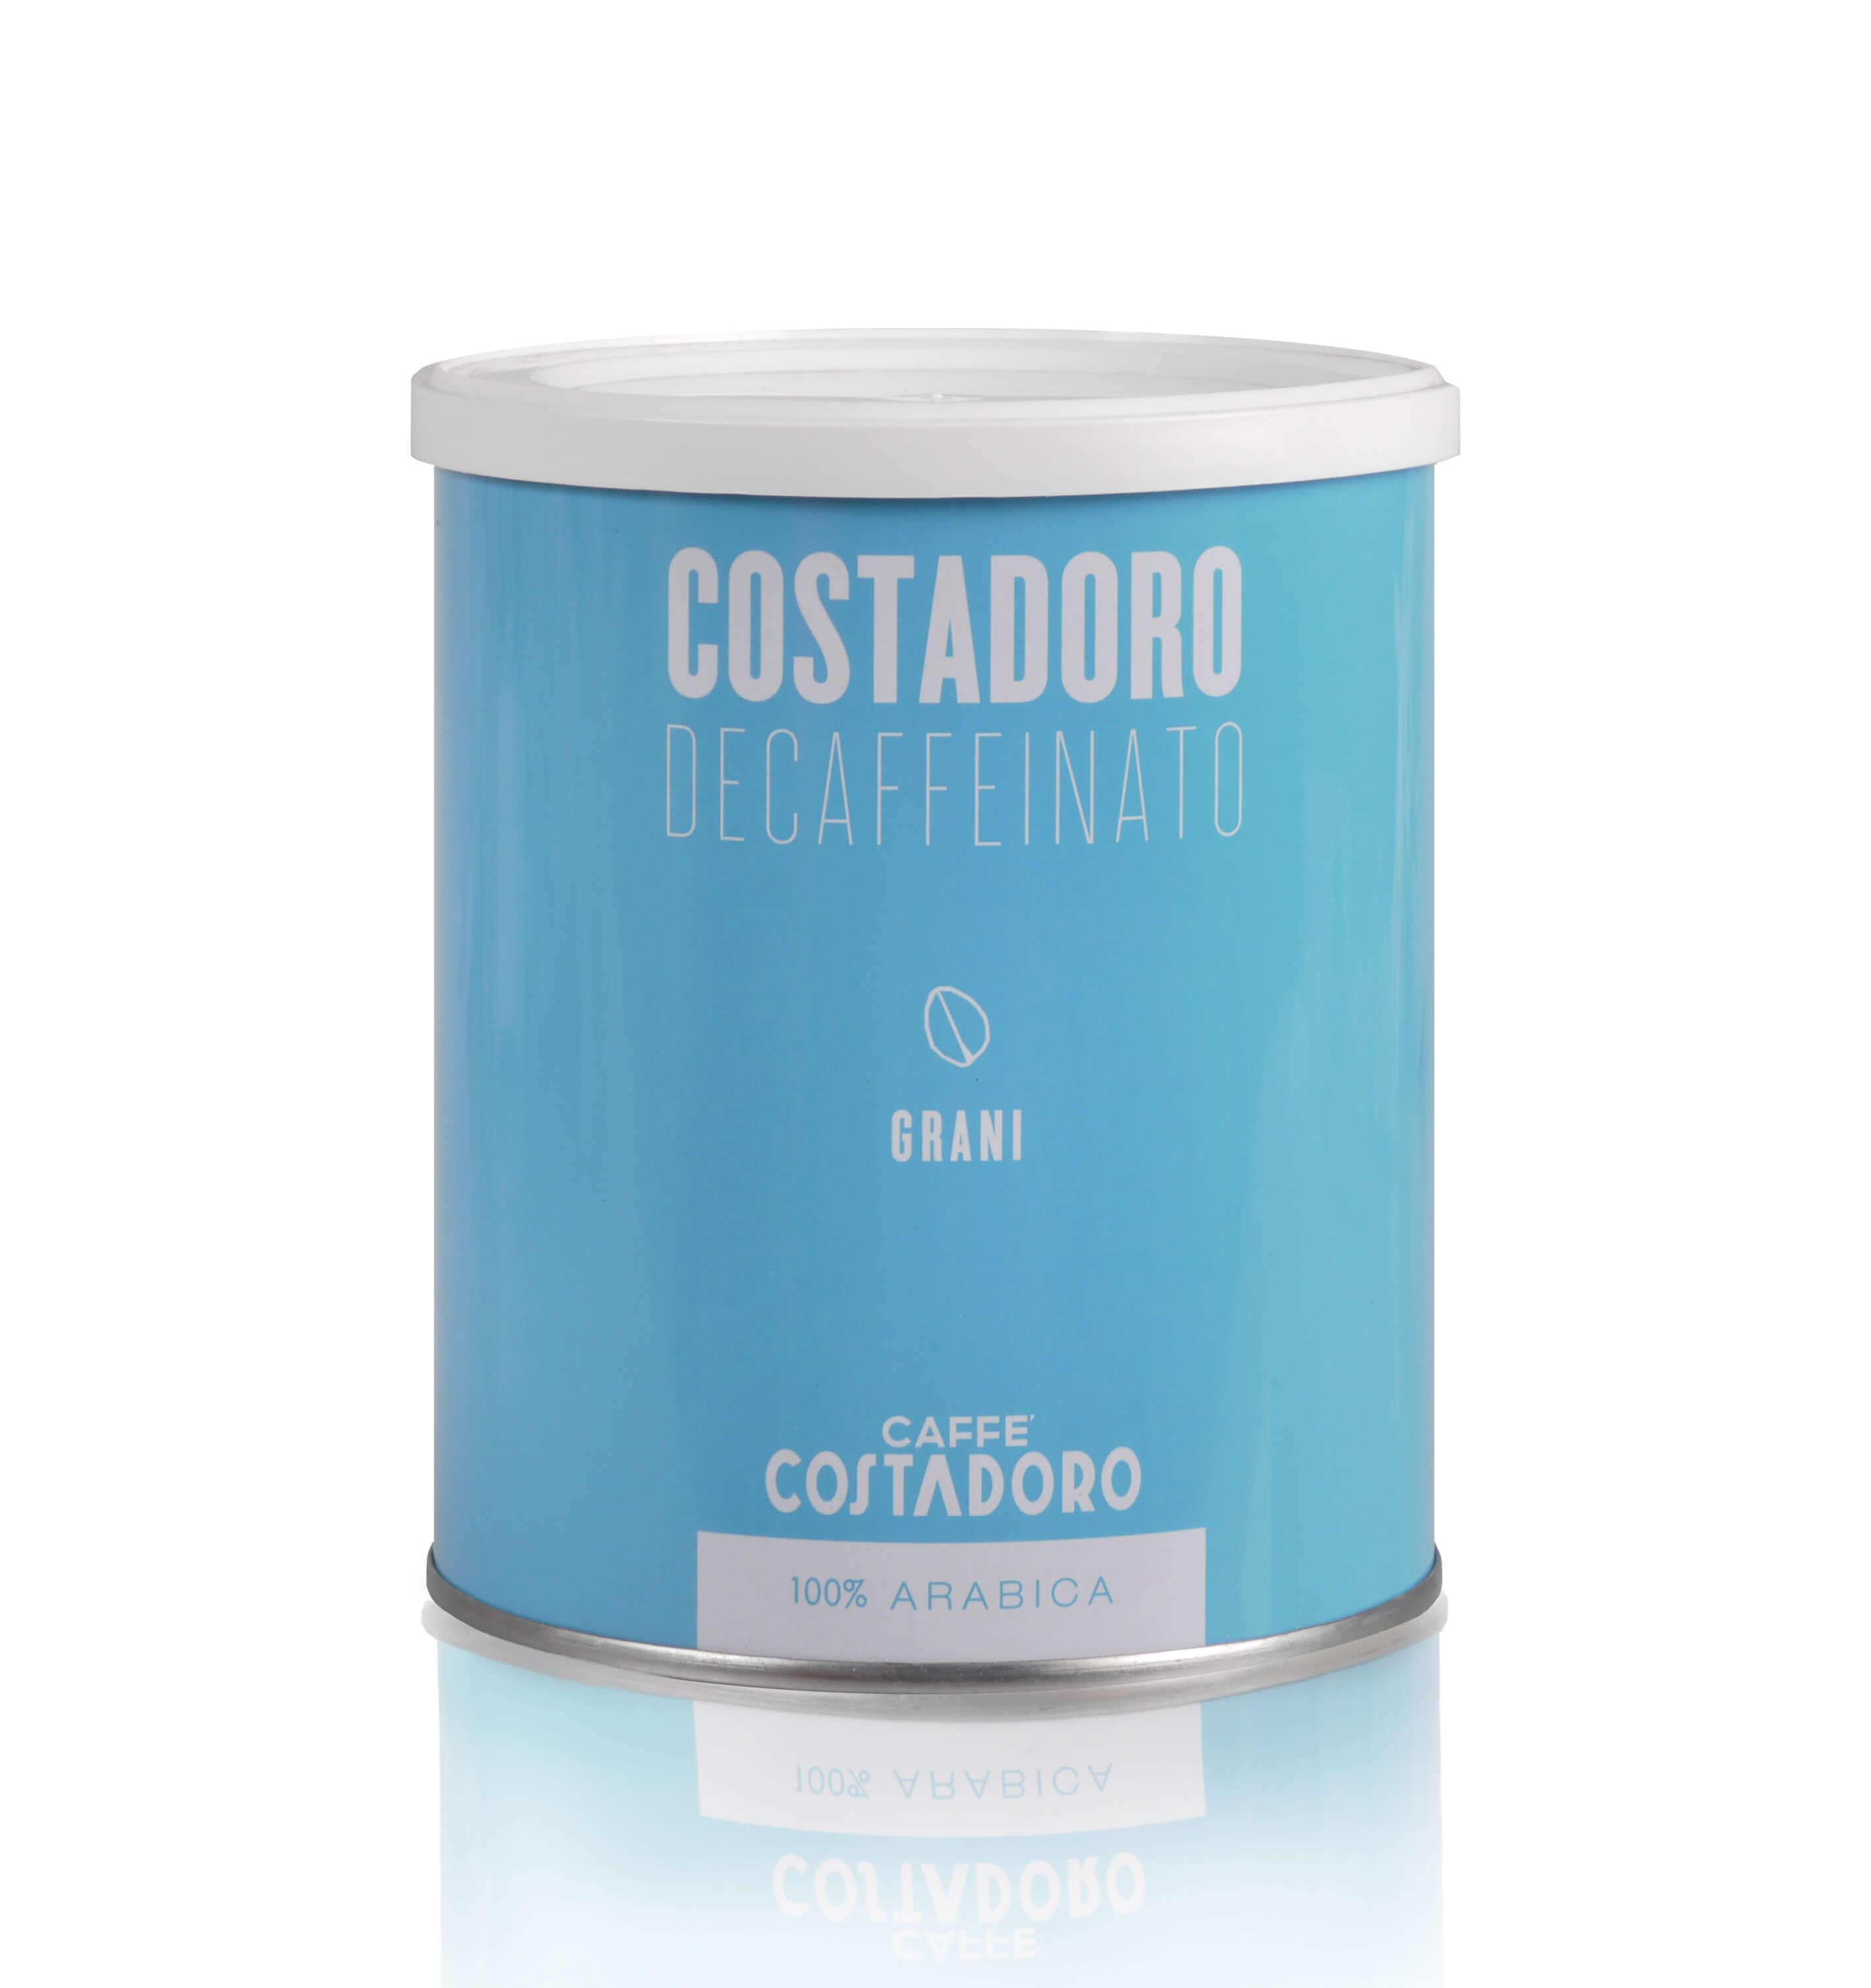 COSTADORO Decaffeinato 12x 250 g Bohnen in Dosen